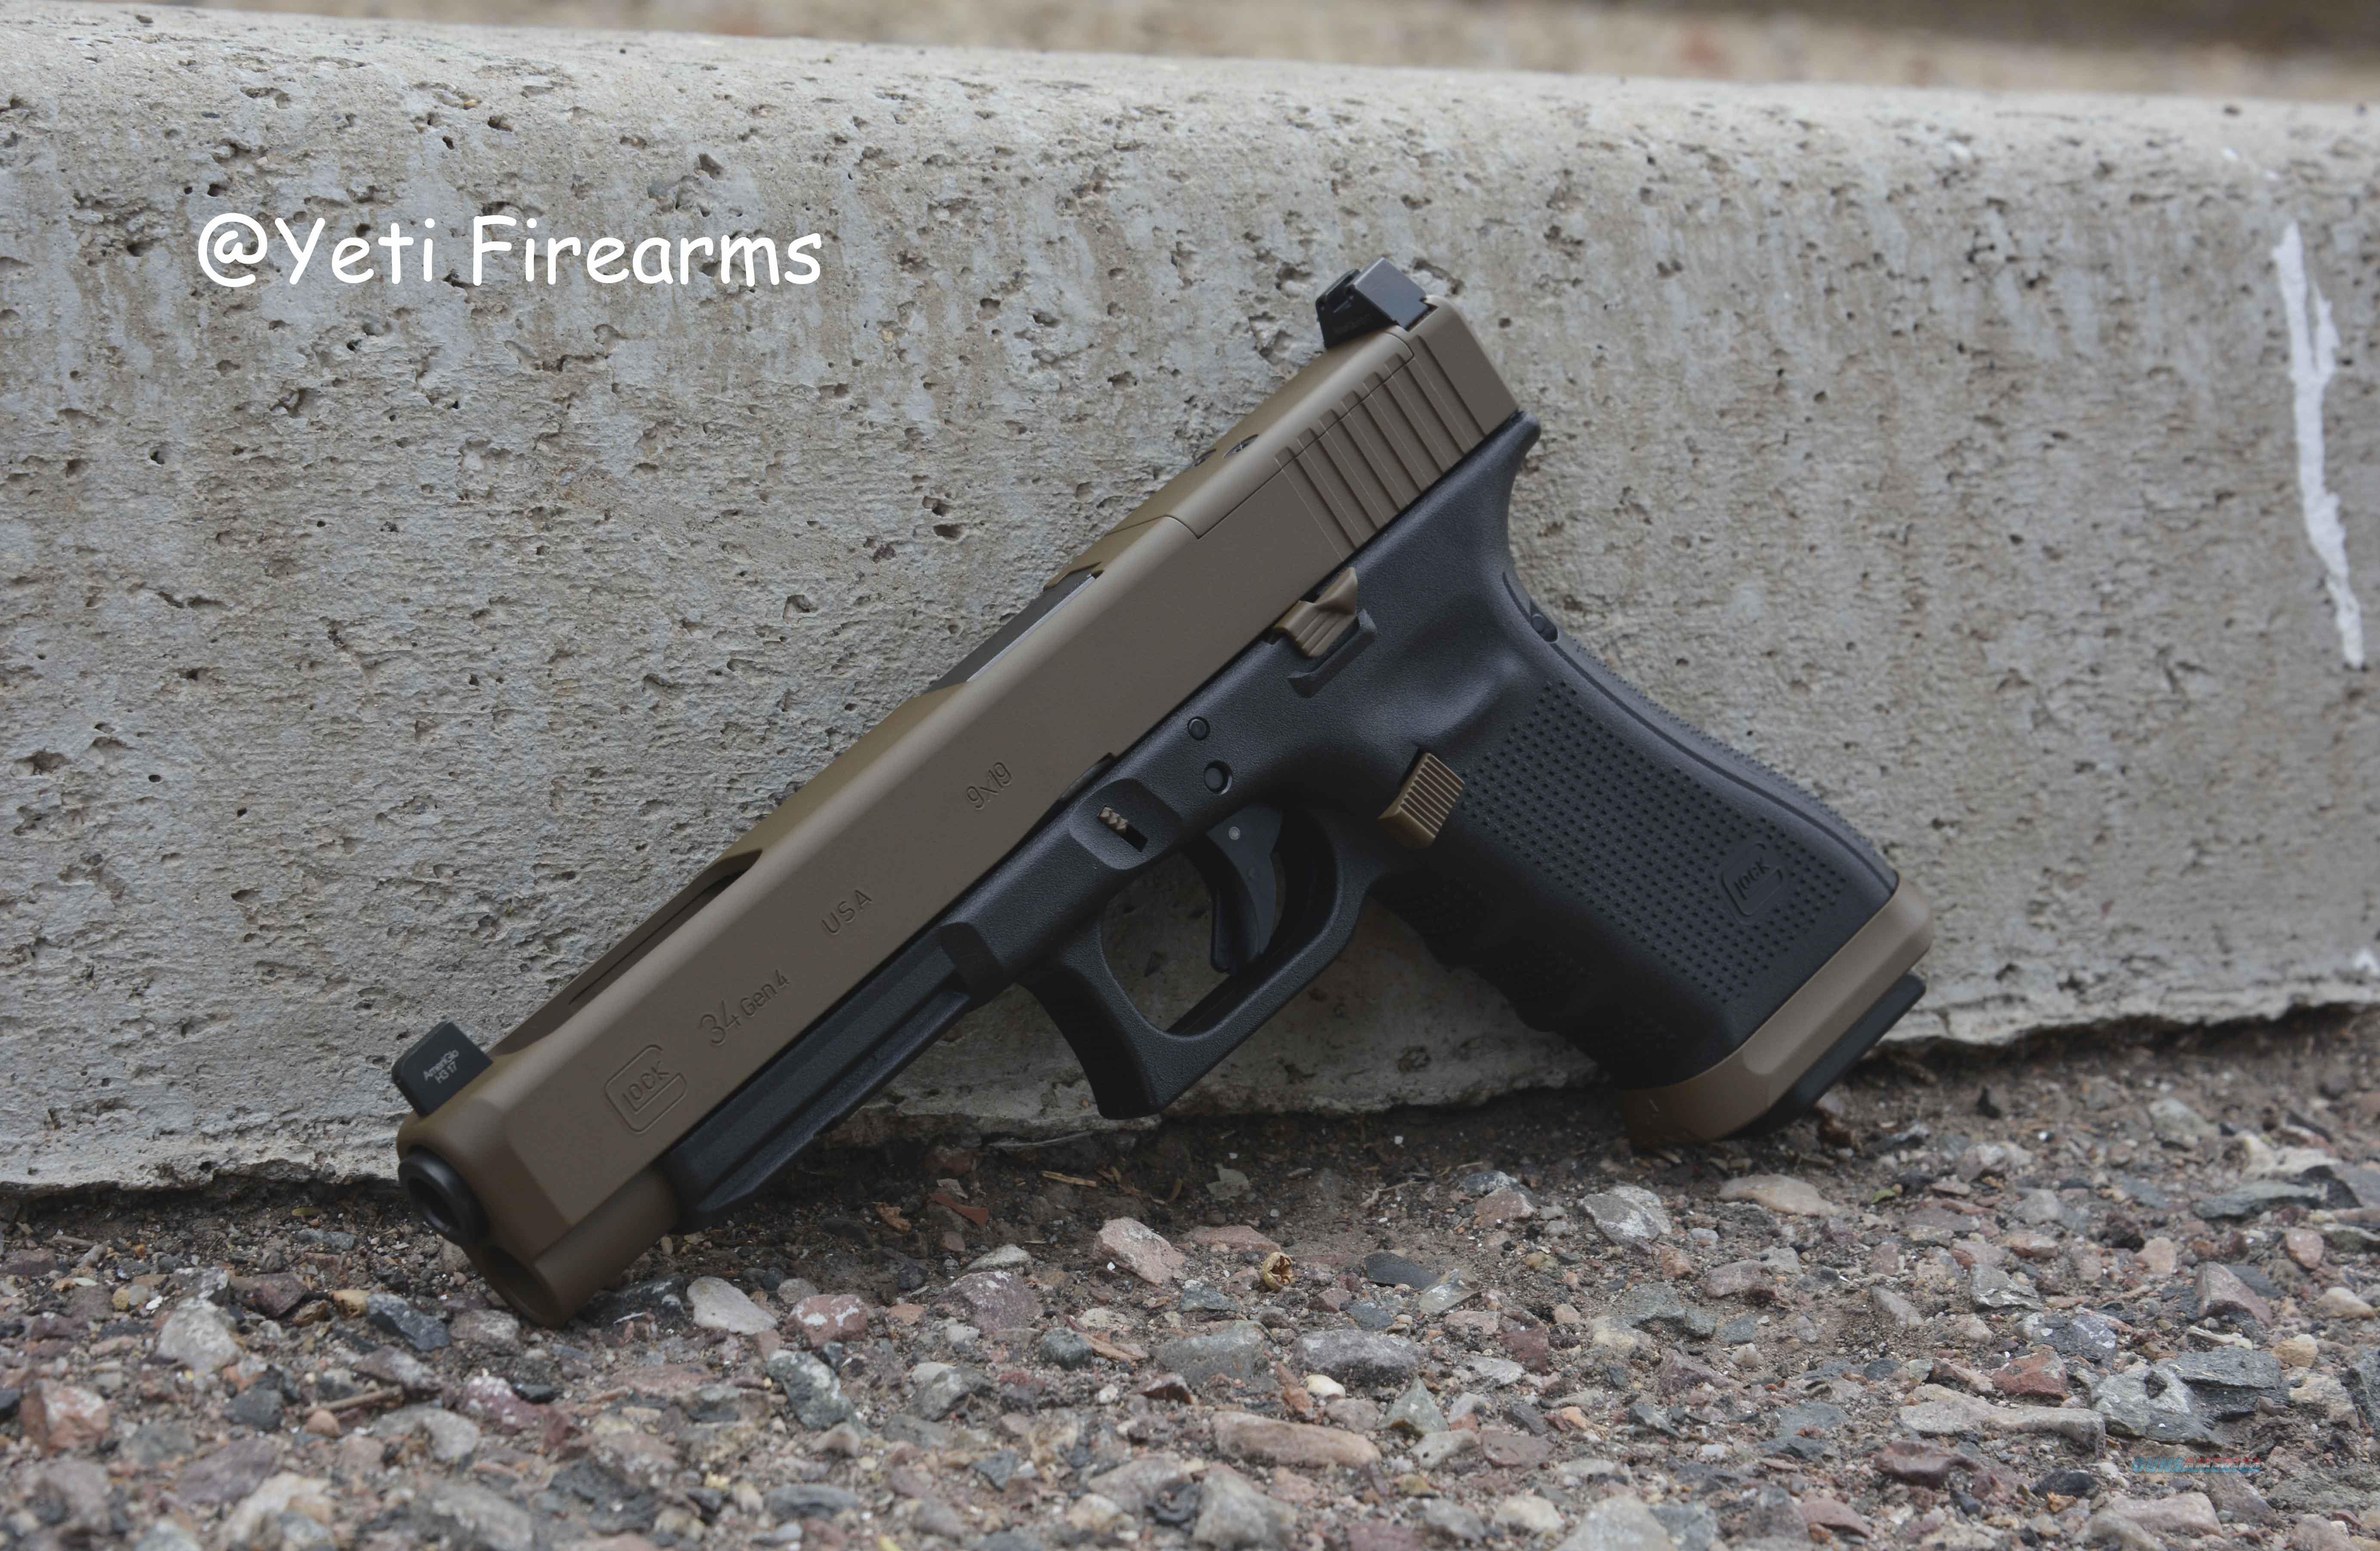 Glock 34 G4 MOS 9mm Glock FDE Agency Arms NS 17rnd  Guns > Pistols > Glock Pistols > 34